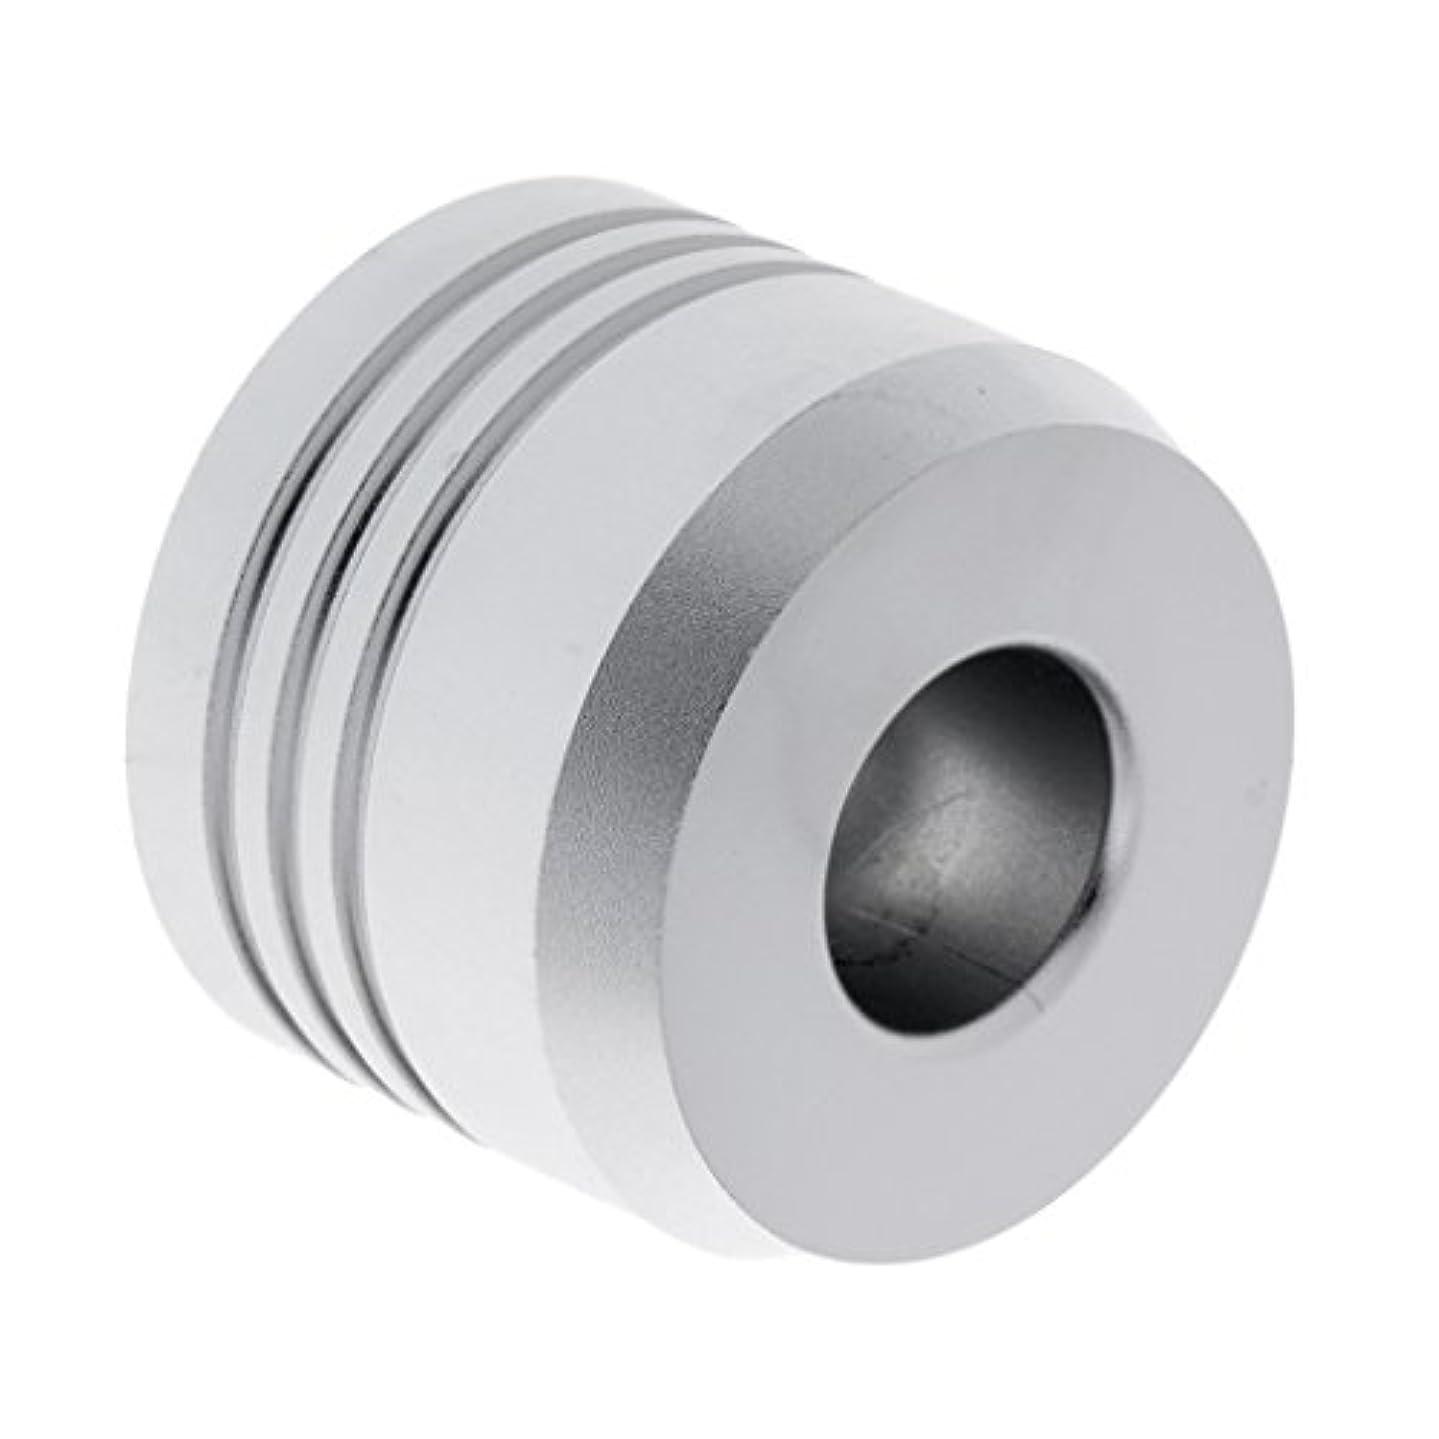 スペース属性マナーKesoto セーフティカミソリスタンド スタンド メンズ シェービング カミソリホルダー サポート 調節可能 シェーバーベース 2色選べ   - 銀